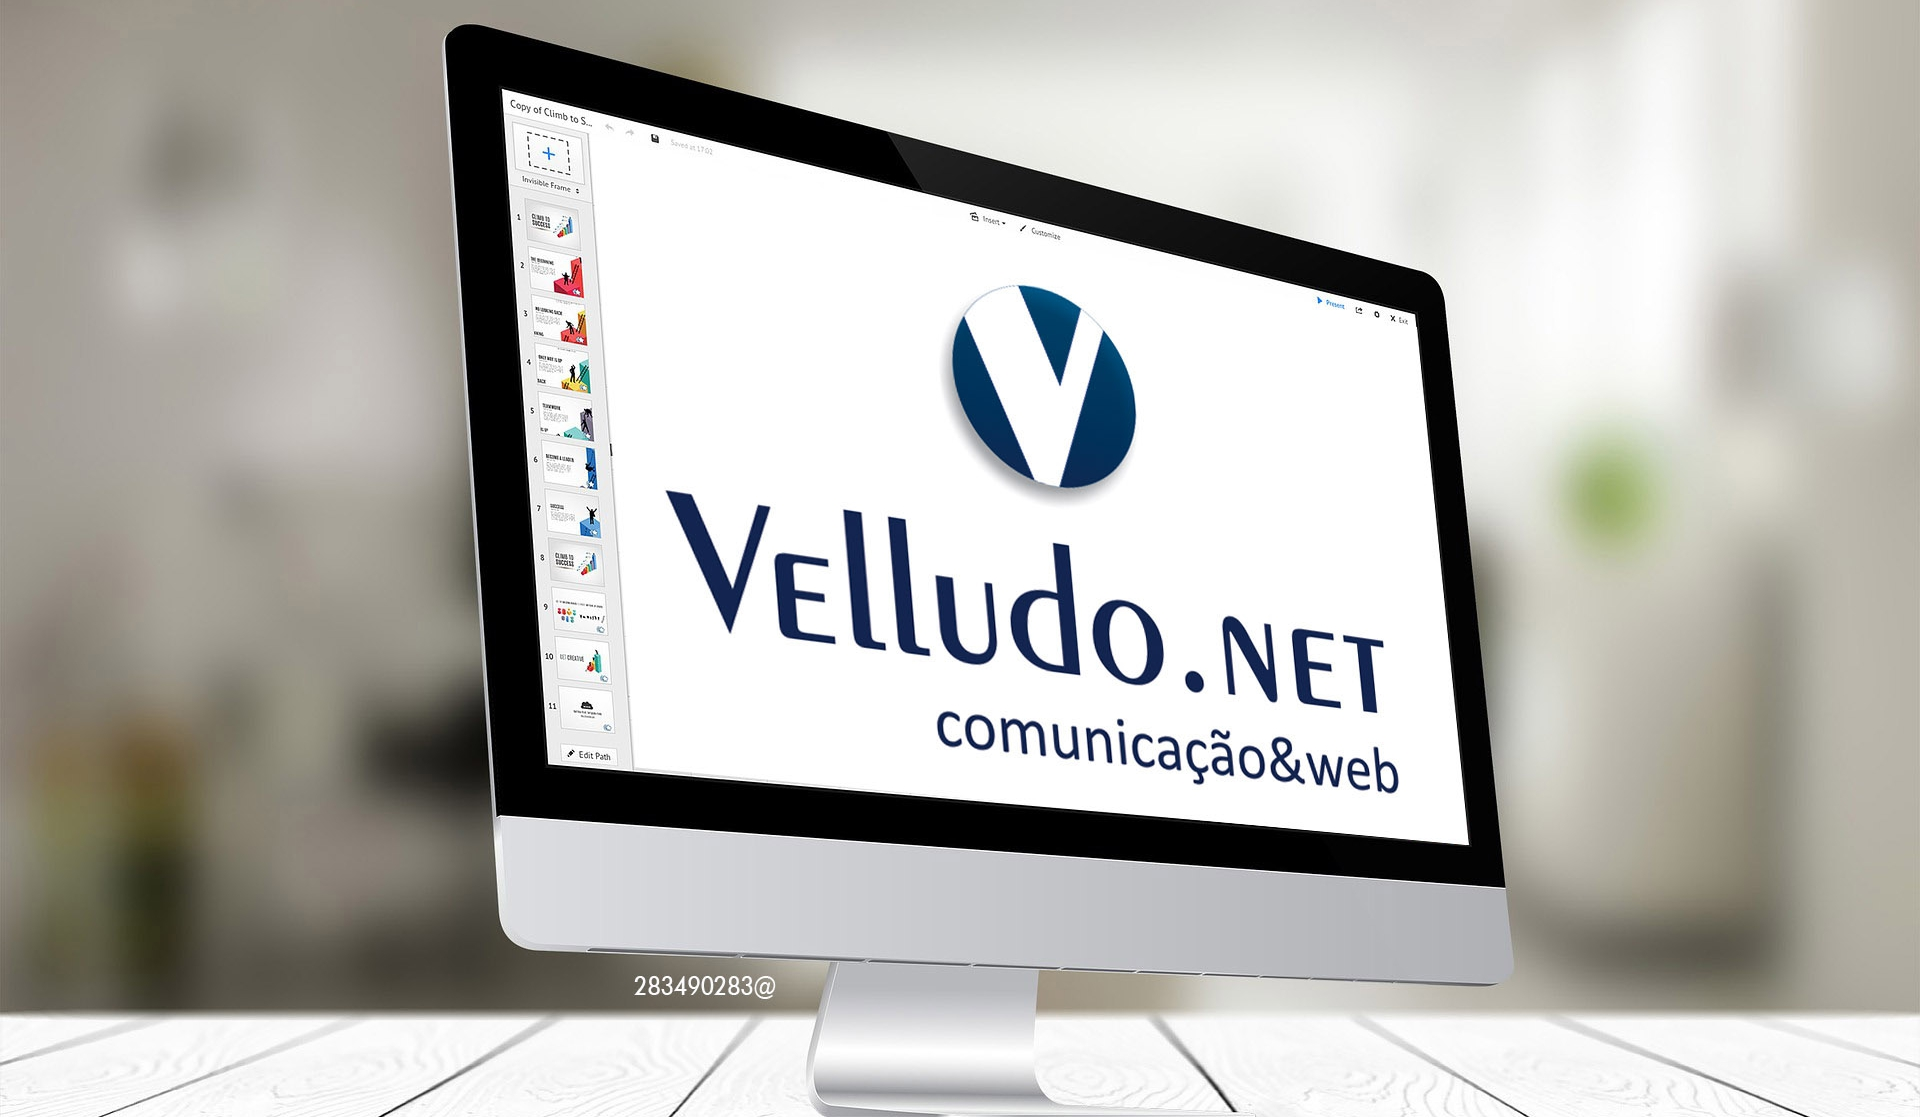 VELLUDO.NET